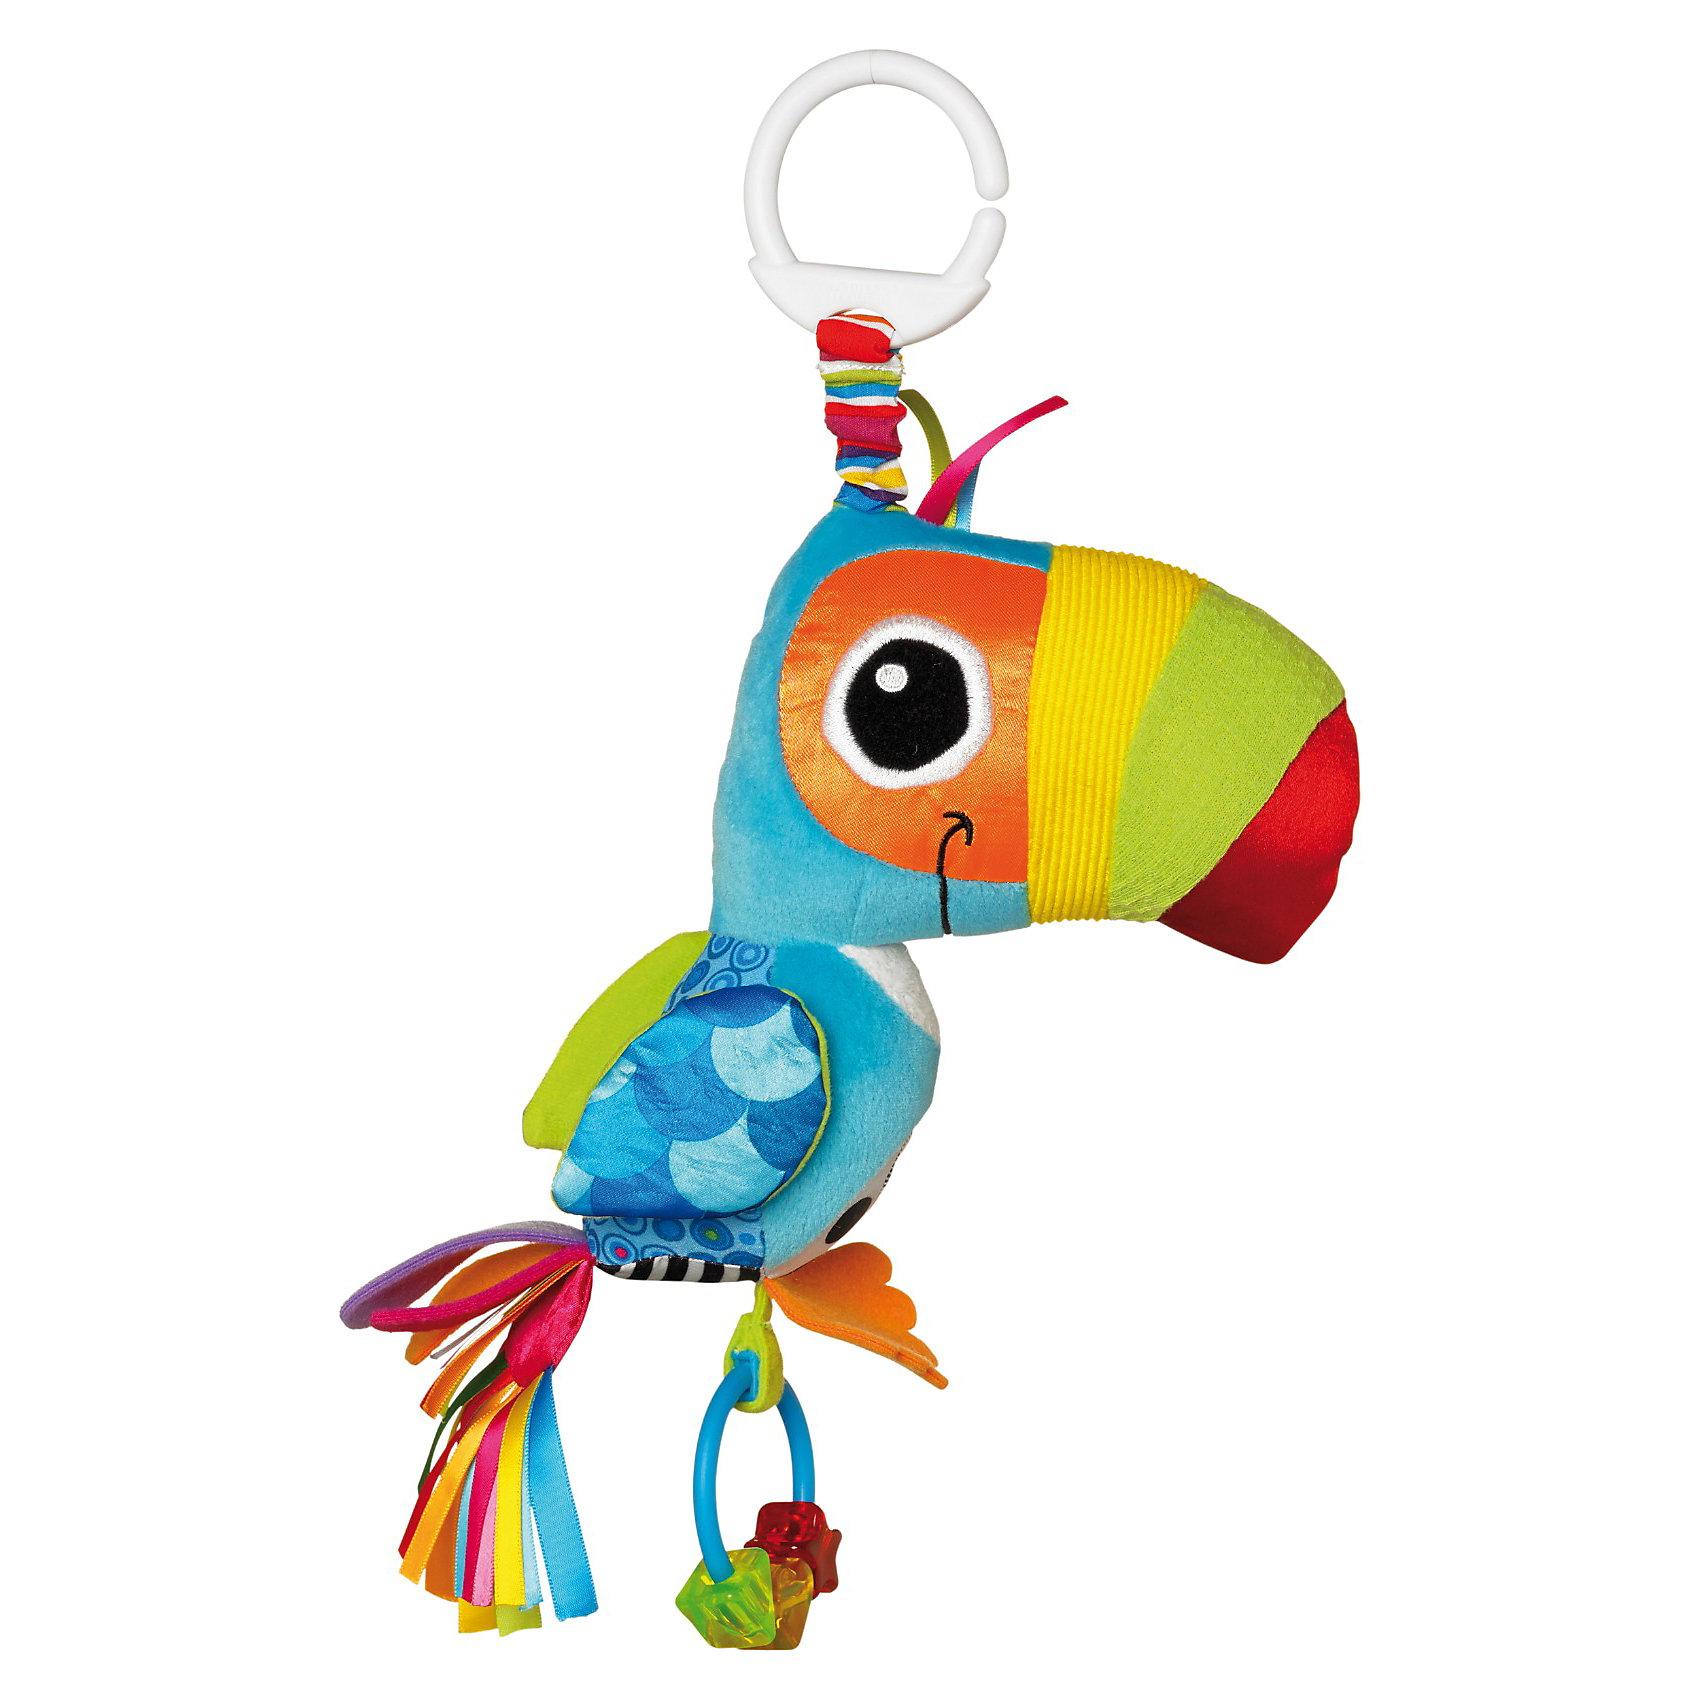 Игрушка Веселый Тукан, LamazeПодвески<br>Игрушка Веселый Тукан, Lamaze - замечательная красочная игрушка, которая обязательно привлечет внимание Вашего малыша. Игрушка выполнена в виде симпатичной нарядной птички с хвостом из ярких атласных лент, легко крепится к детской кроватке, коляске или автокреслу. У игрушки множество разноцветных деталей из мягких материалов различной фактуры, что способствует развитию тактильного и цветового восприятия, тренирует мелкую моторику ребенка. При нажатии на клюв птичка пищит, в лапках она держит кольцо-прорезыватель с разноцветными фигурками. При прикосновении игровые элементы издают разнообразные шуршащие звуки. <br><br>Дополнительная информация:<br><br>- Материал: текстиль.<br>- Размер упаковки: 7,62 х 22,9 х 28,3 см.<br>- Вес: 0,11 кг.<br><br>Игрушку Веселый Тукан, Lamaze, можно купить в нашем интернет-магазине.<br><br>Ширина мм: 260<br>Глубина мм: 147<br>Высота мм: 83<br>Вес г: 108<br>Возраст от месяцев: 0<br>Возраст до месяцев: 18<br>Пол: Унисекс<br>Возраст: Детский<br>SKU: 3487477